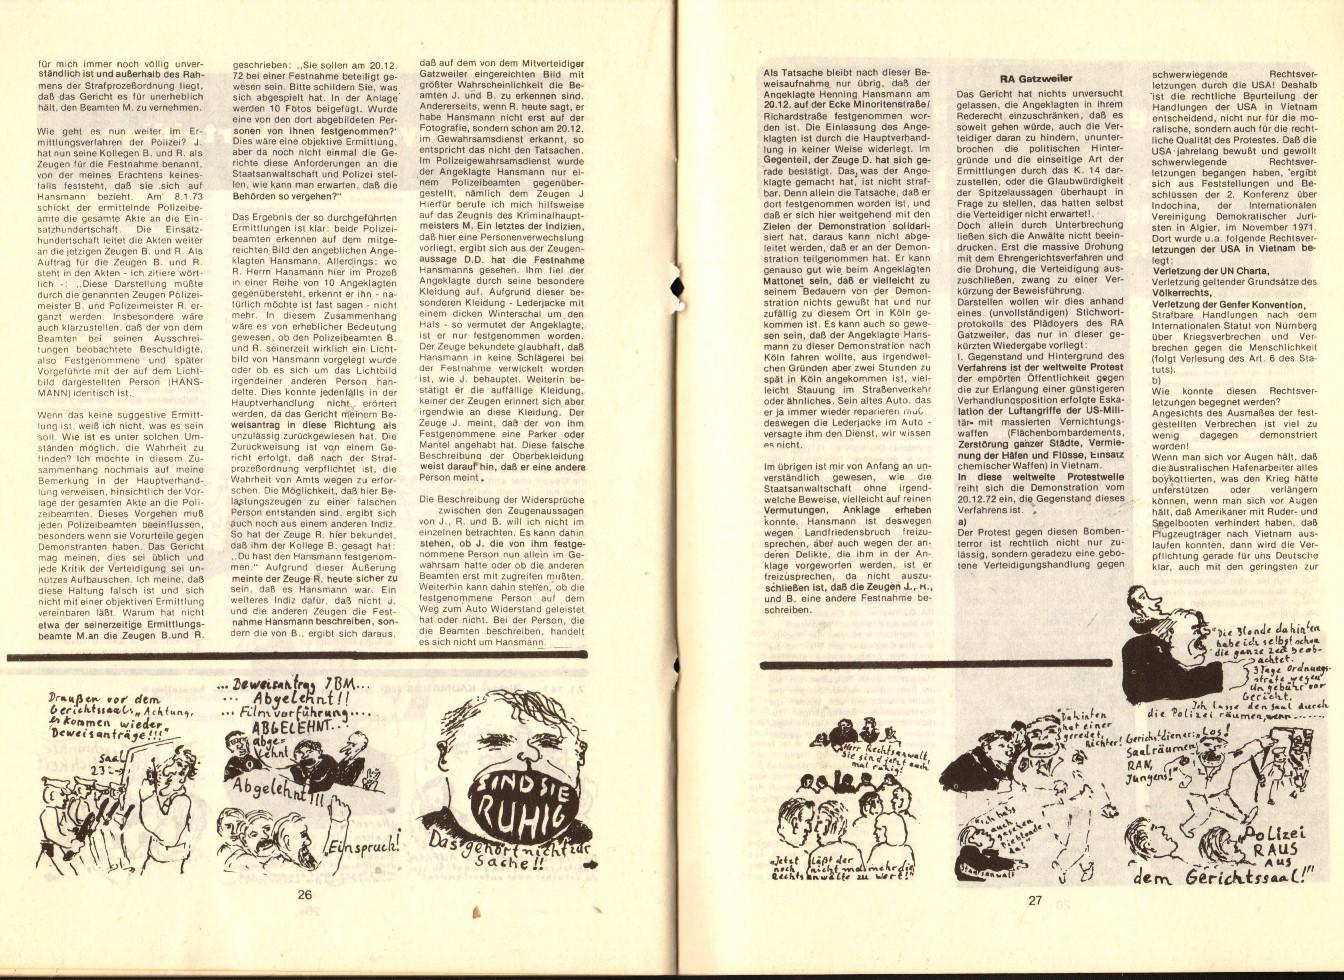 Koeln_RHeV_1975_Der_Koelner_Vietnamprozess_16